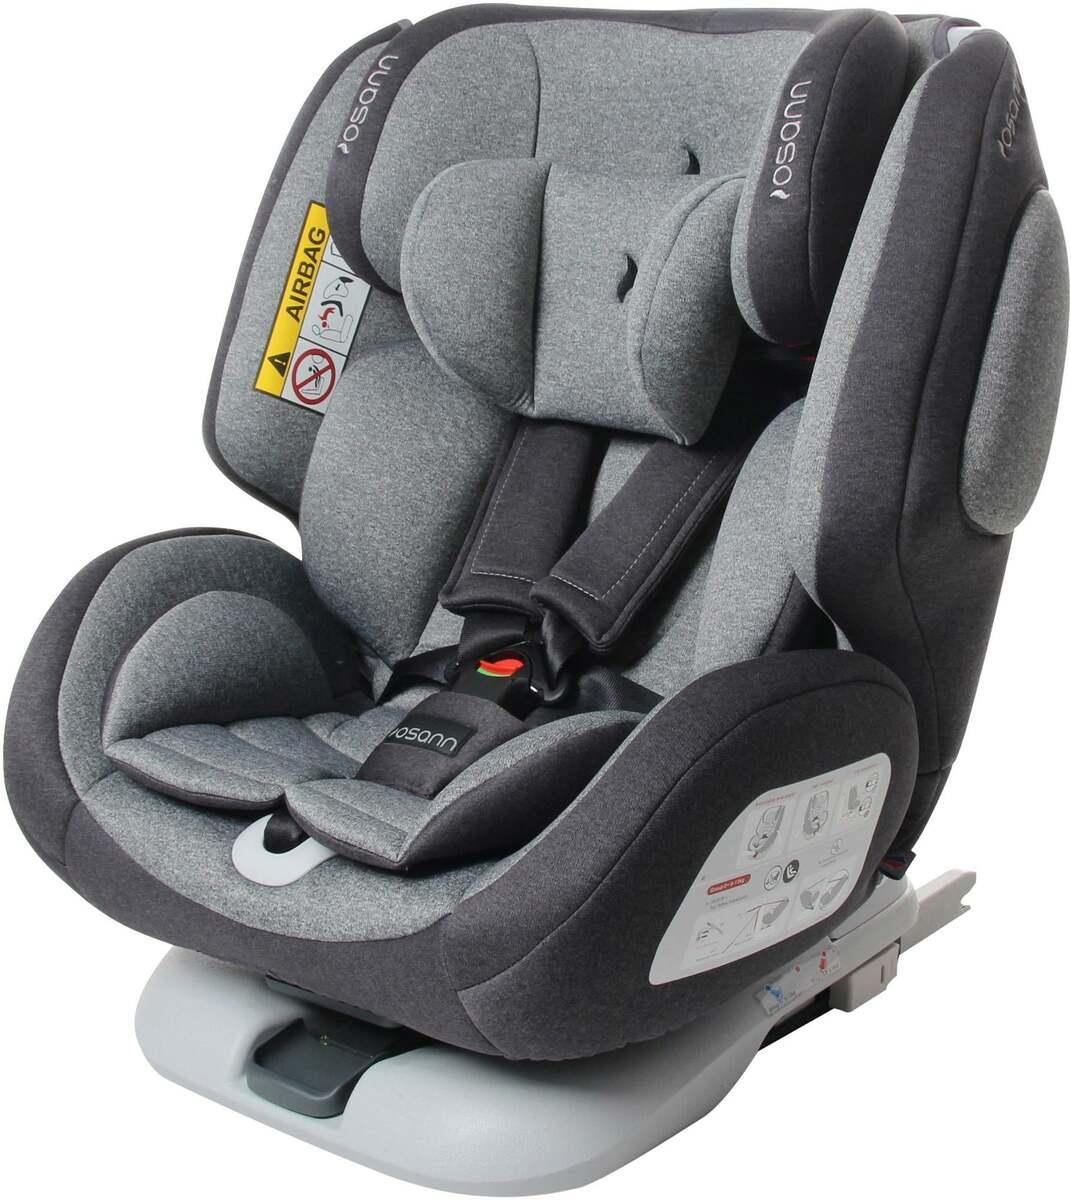 Bild 3 von osann Kinderautositz One360° Universe Grey